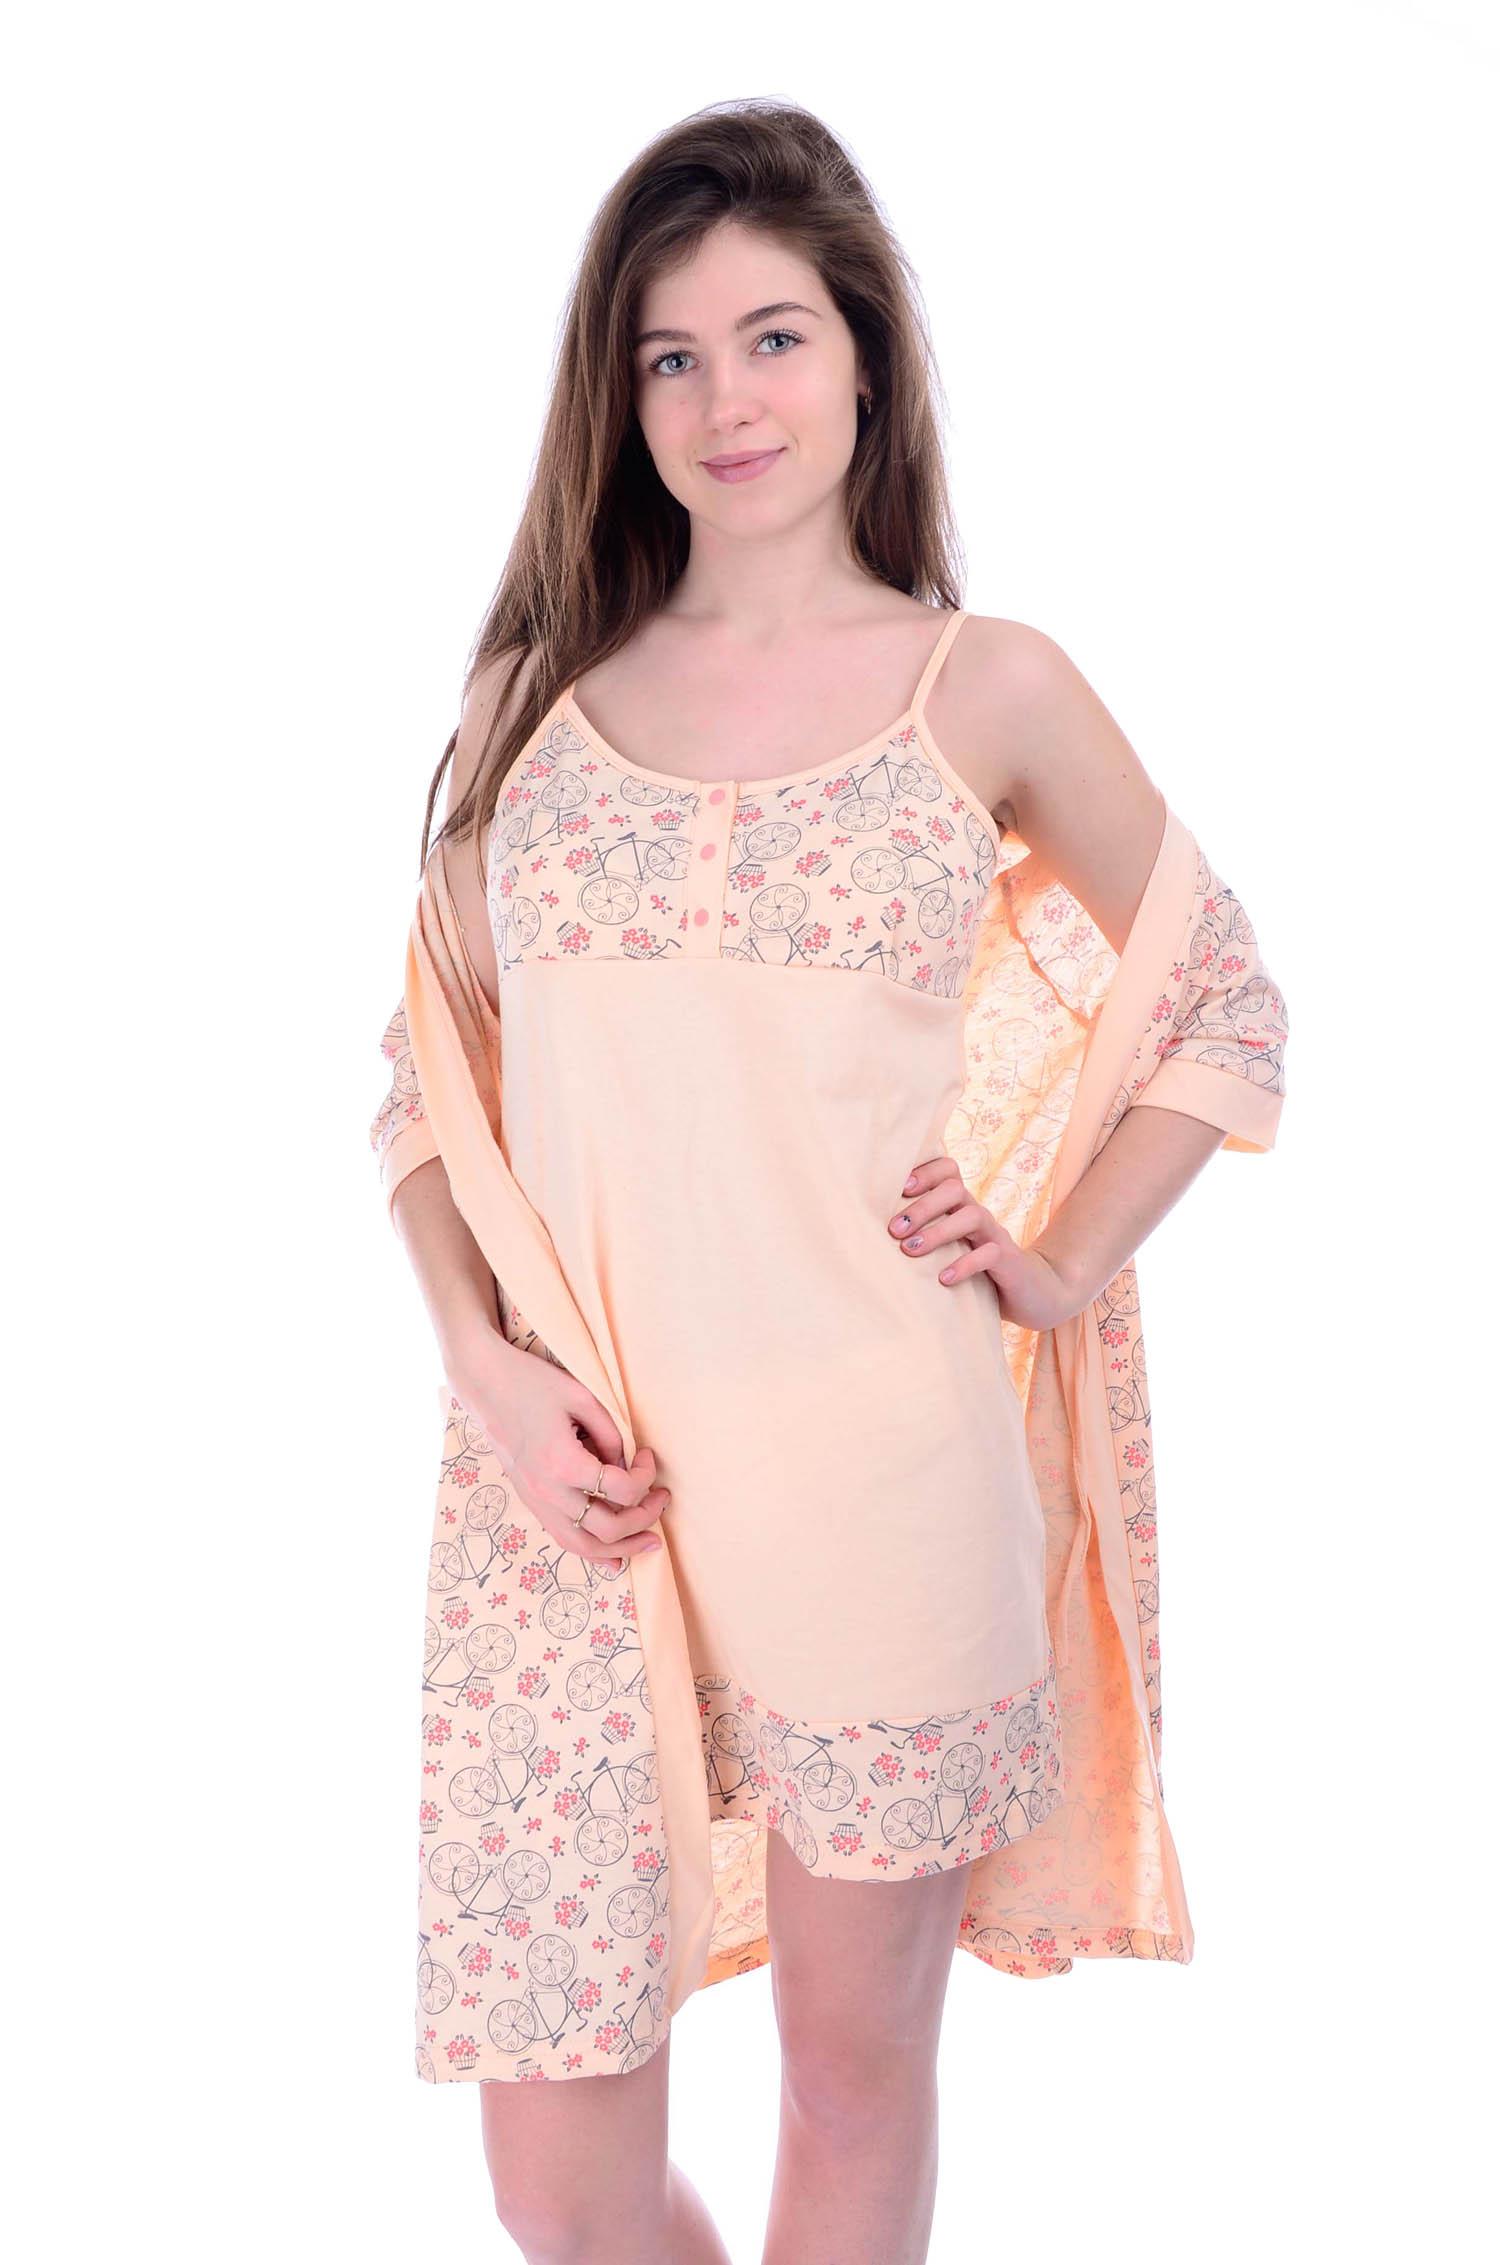 Комплект женский Прованс сорочка и халатДомашние комплекты, костюмы<br><br><br>Размер: 52